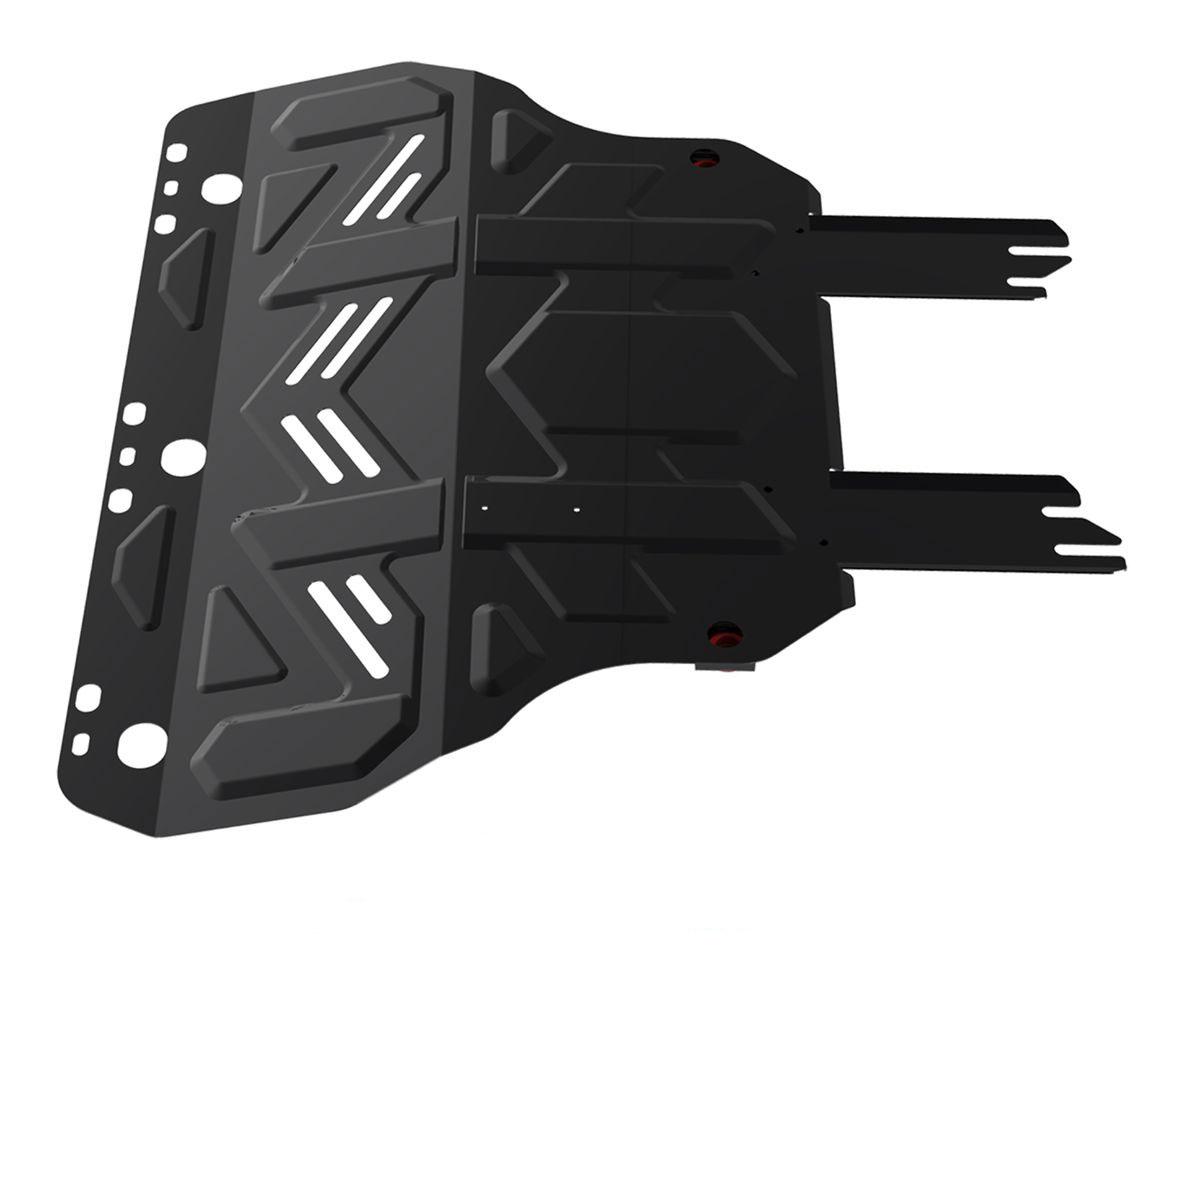 Защита картера и КПП Автоброня, для Ford Focus II/Focus III (2011-)/Grand C-Max/Ford Kuga/Ford С-Max V-все111.01850.1Технологически совершенный продукт за невысокую стоимость. Защита разработана с учетом особенностей днища автомобиля, что позволяет сохранить дорожный просвет с минимальным изменением. Защита устанавливается в штатные места кузова автомобиля. Глубокий штамп обеспечивает до двух раз больше жесткости в сравнении с обычной защитой той же толщины. Проштампованные ребра жесткости препятствуют деформации защиты при ударах. Тепловой зазор и вентиляционные отверстия обеспечивают сохранение температурного режима двигателя в норме. Скрытый крепеж предотвращает срыв крепежных элементов при наезде на препятствие. Шумопоглощающие резиновые элементы обеспечивают комфортную езду без вибраций и скрежета металла, а съемные лючки для слива масла и замены фильтра - экономию средств и время. Конструкция изделия не влияет на пассивную безопасность автомобиля (при ударе защита не воздействует на деформационные зоны кузова). Со штатным крепежом. В комплекте инструкция по...